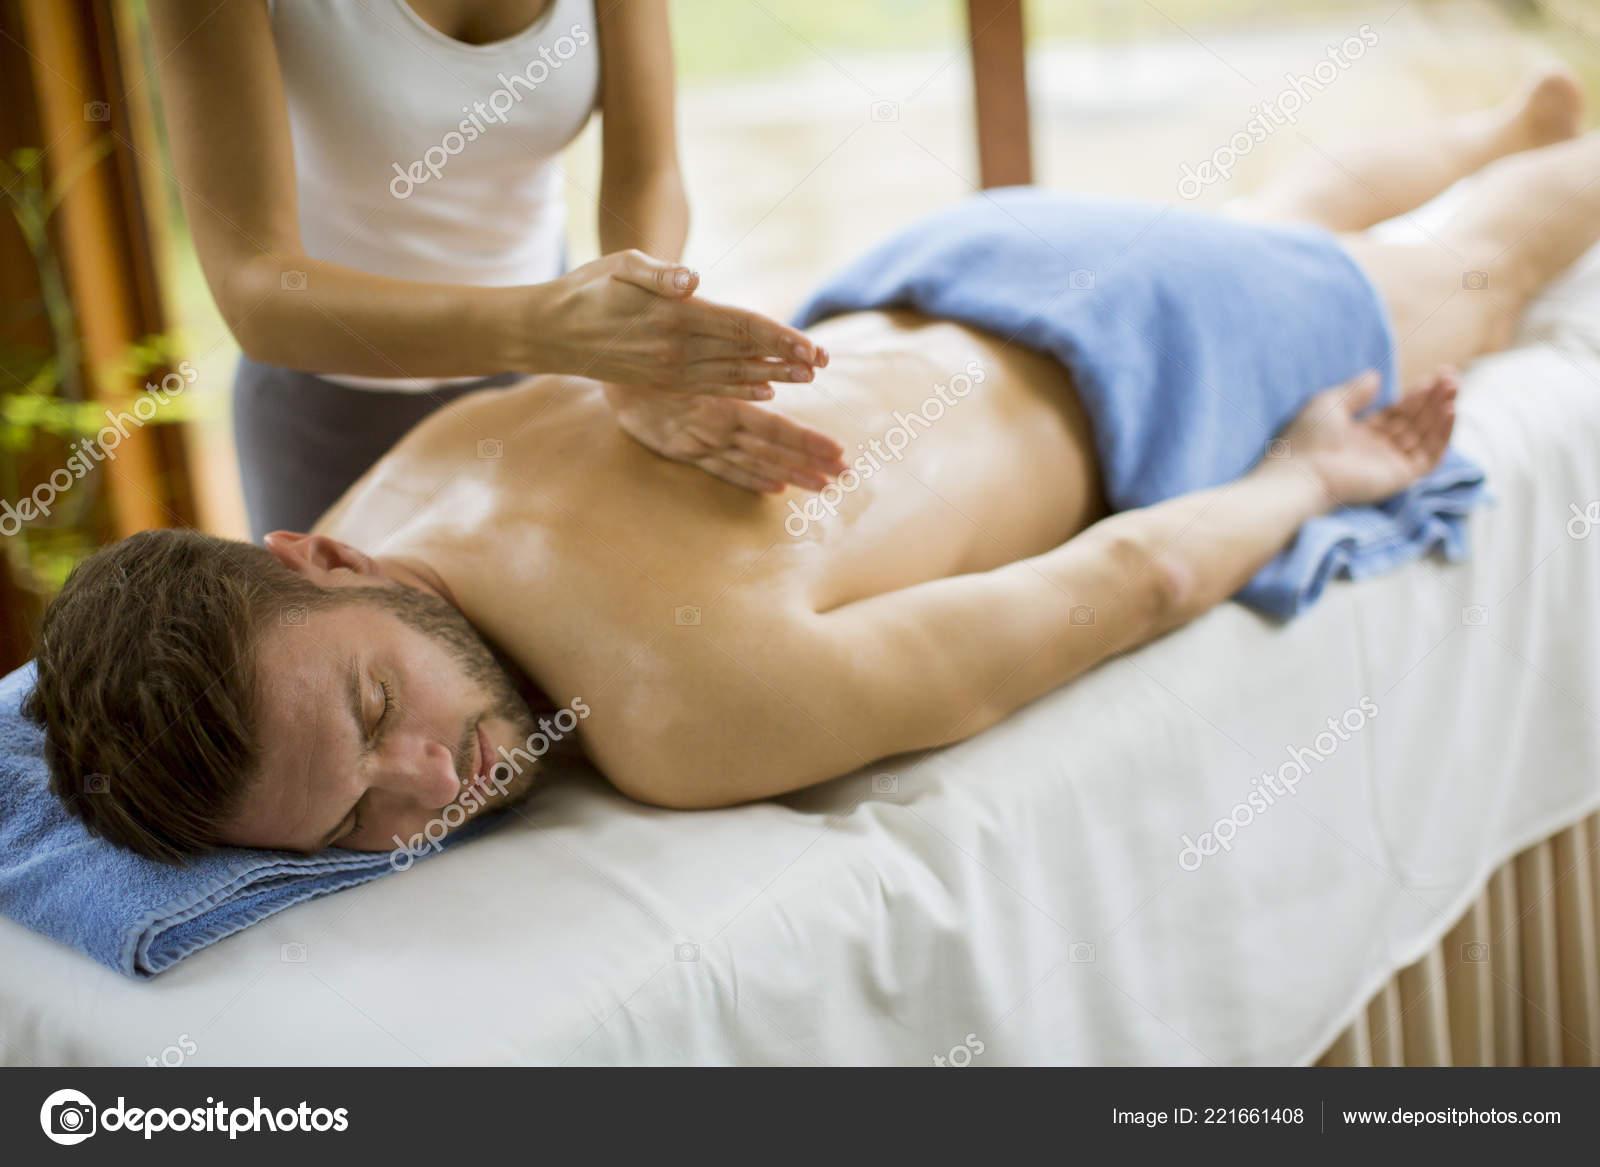 Секс принудительный на массаже, Порно видео с массажем, делает массаж парню 16 фотография